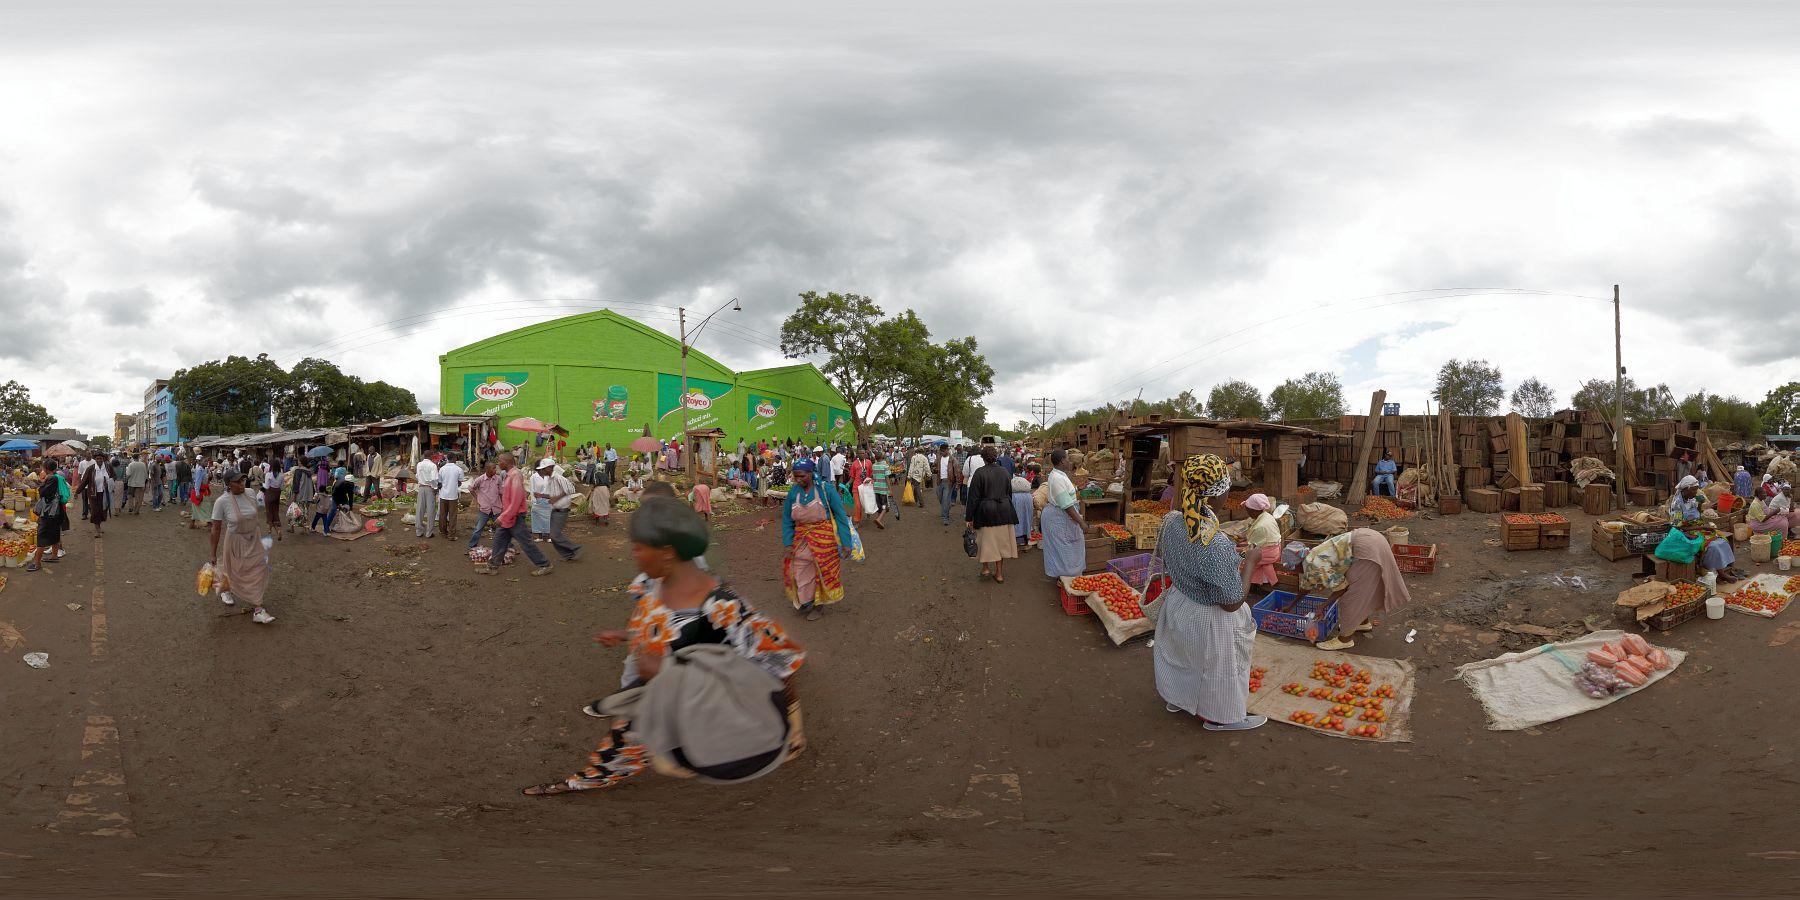 Panorama Kenia Nakuru Markt 8